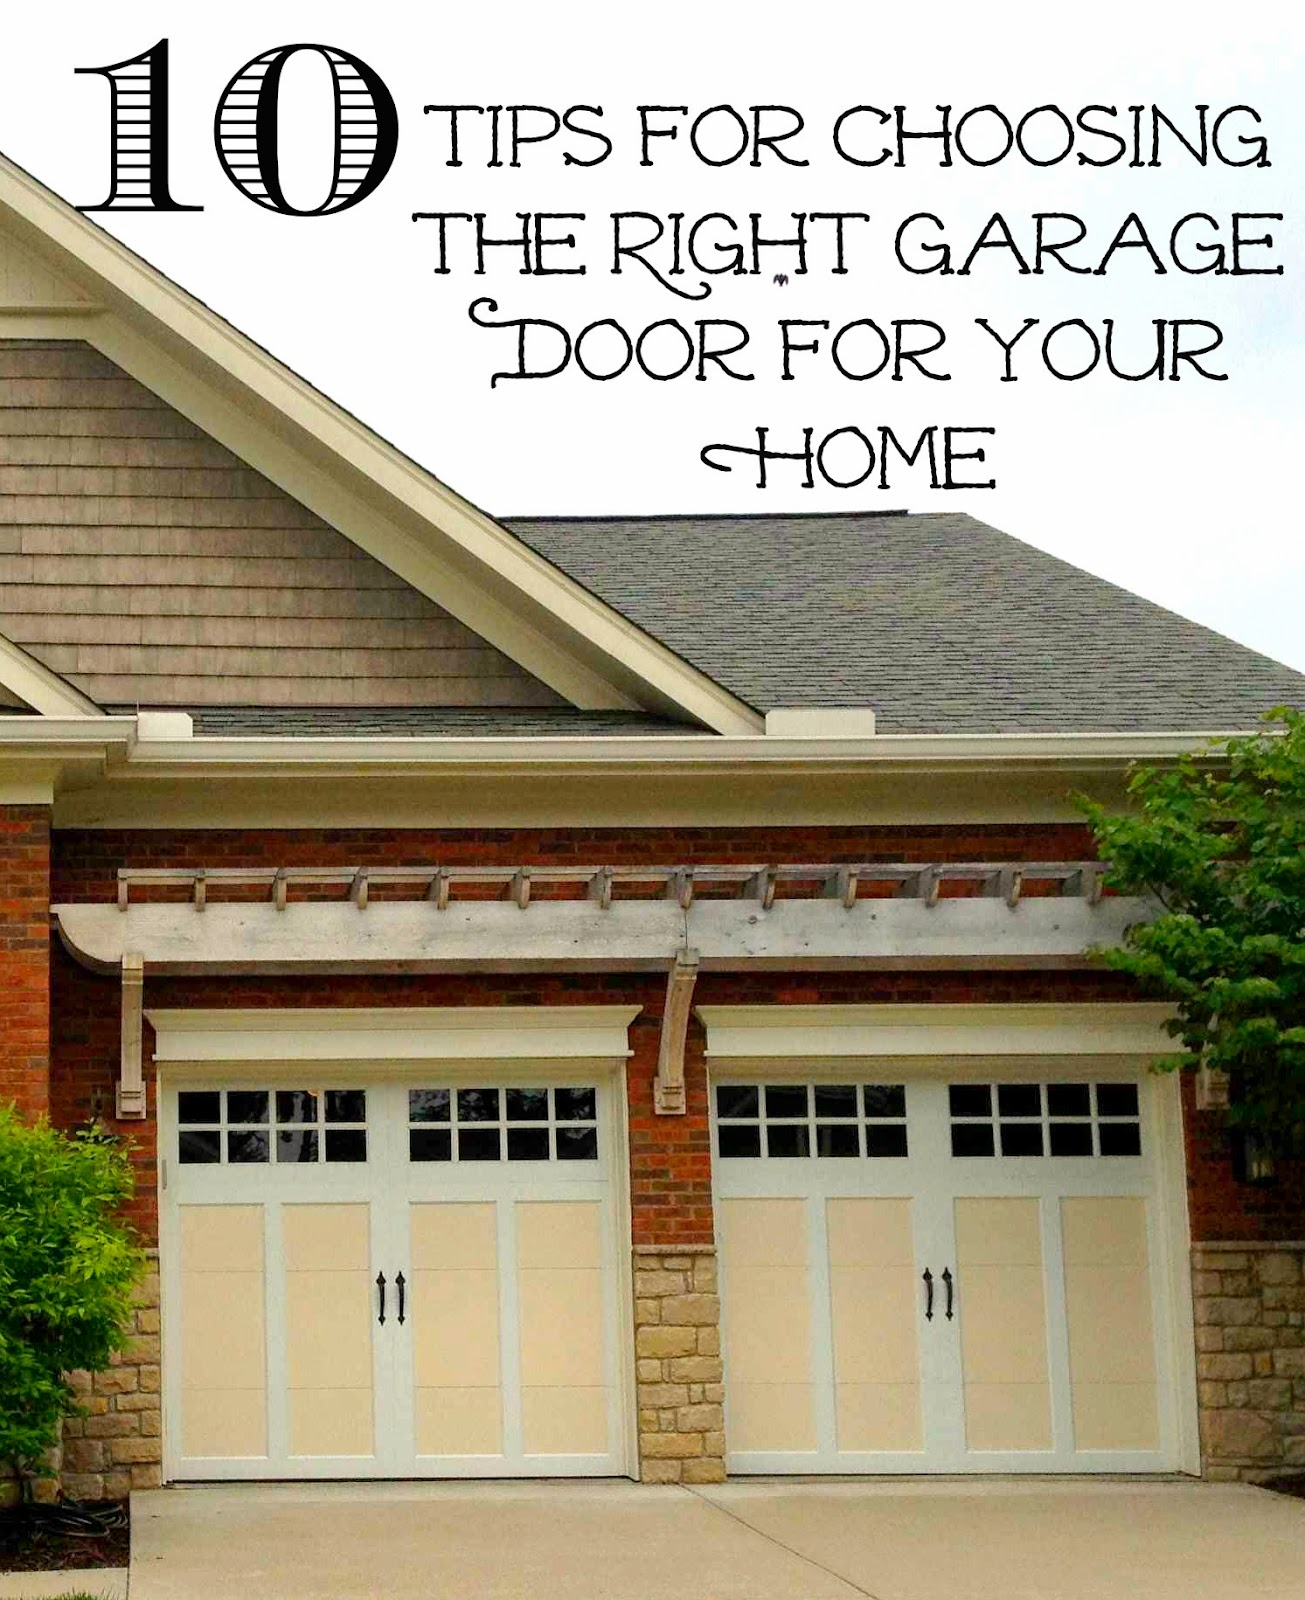 Garage Door Replacement: 10 Tips for Making the Right ... on Garage Door Ideas  id=45998